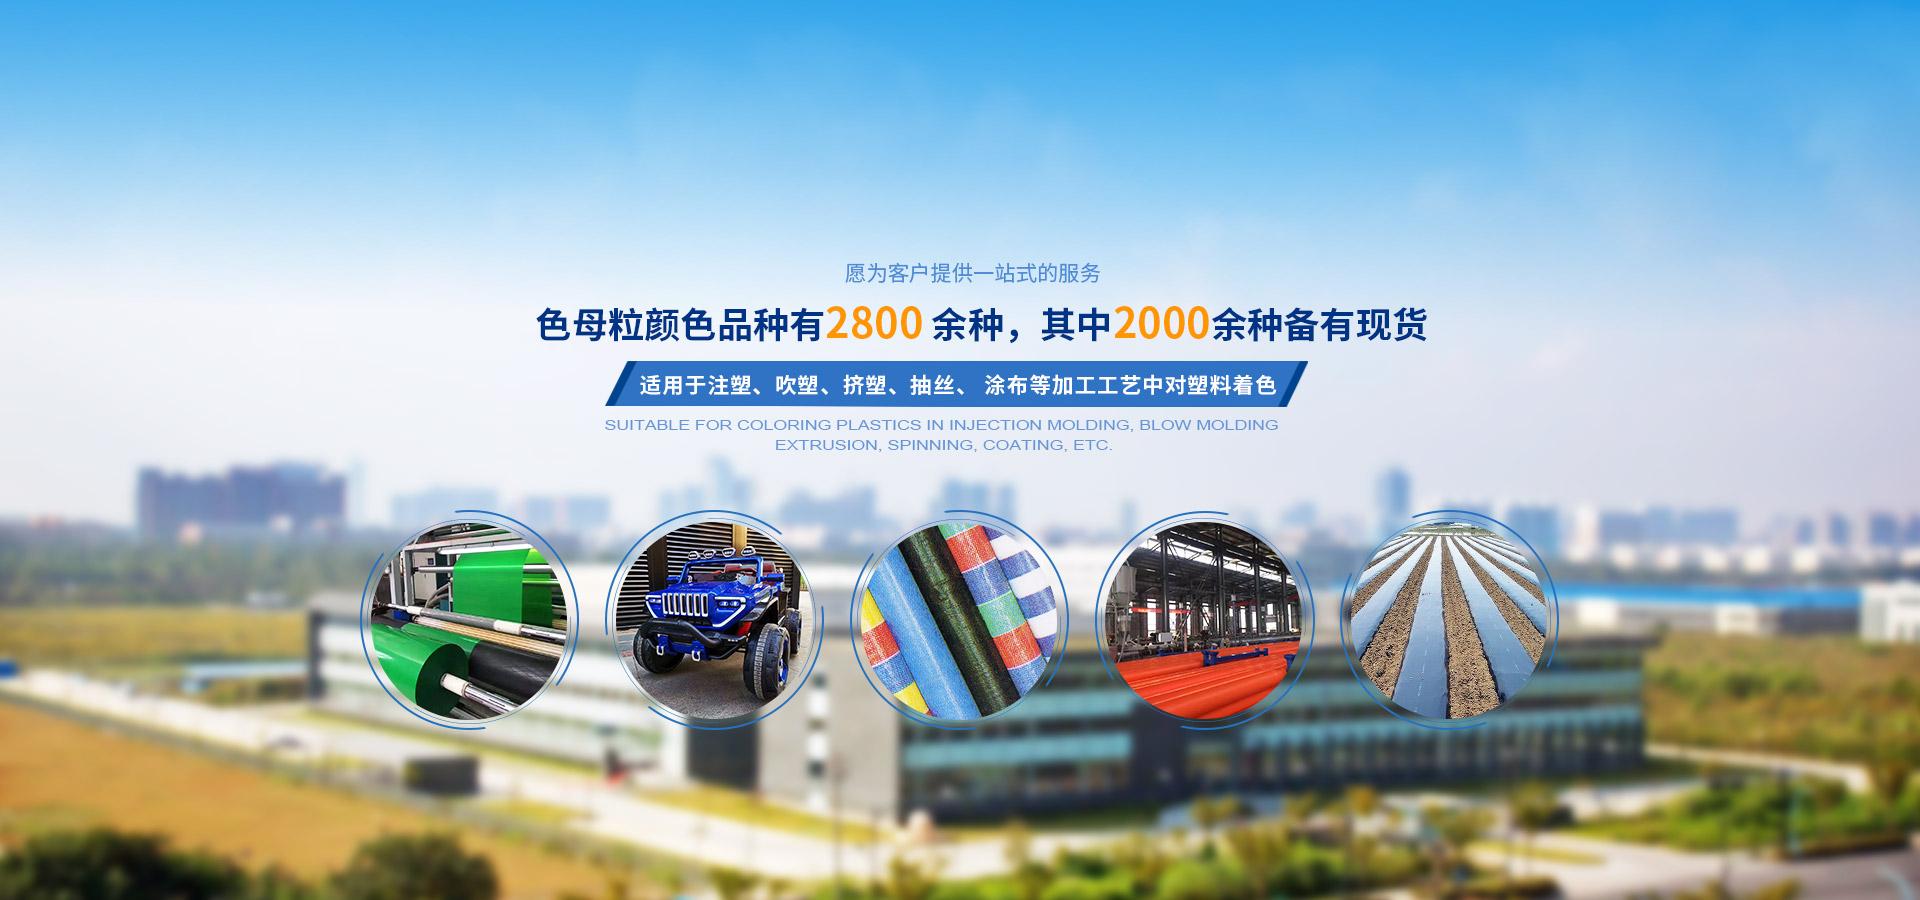 上海羽迪新材料科技有限公司